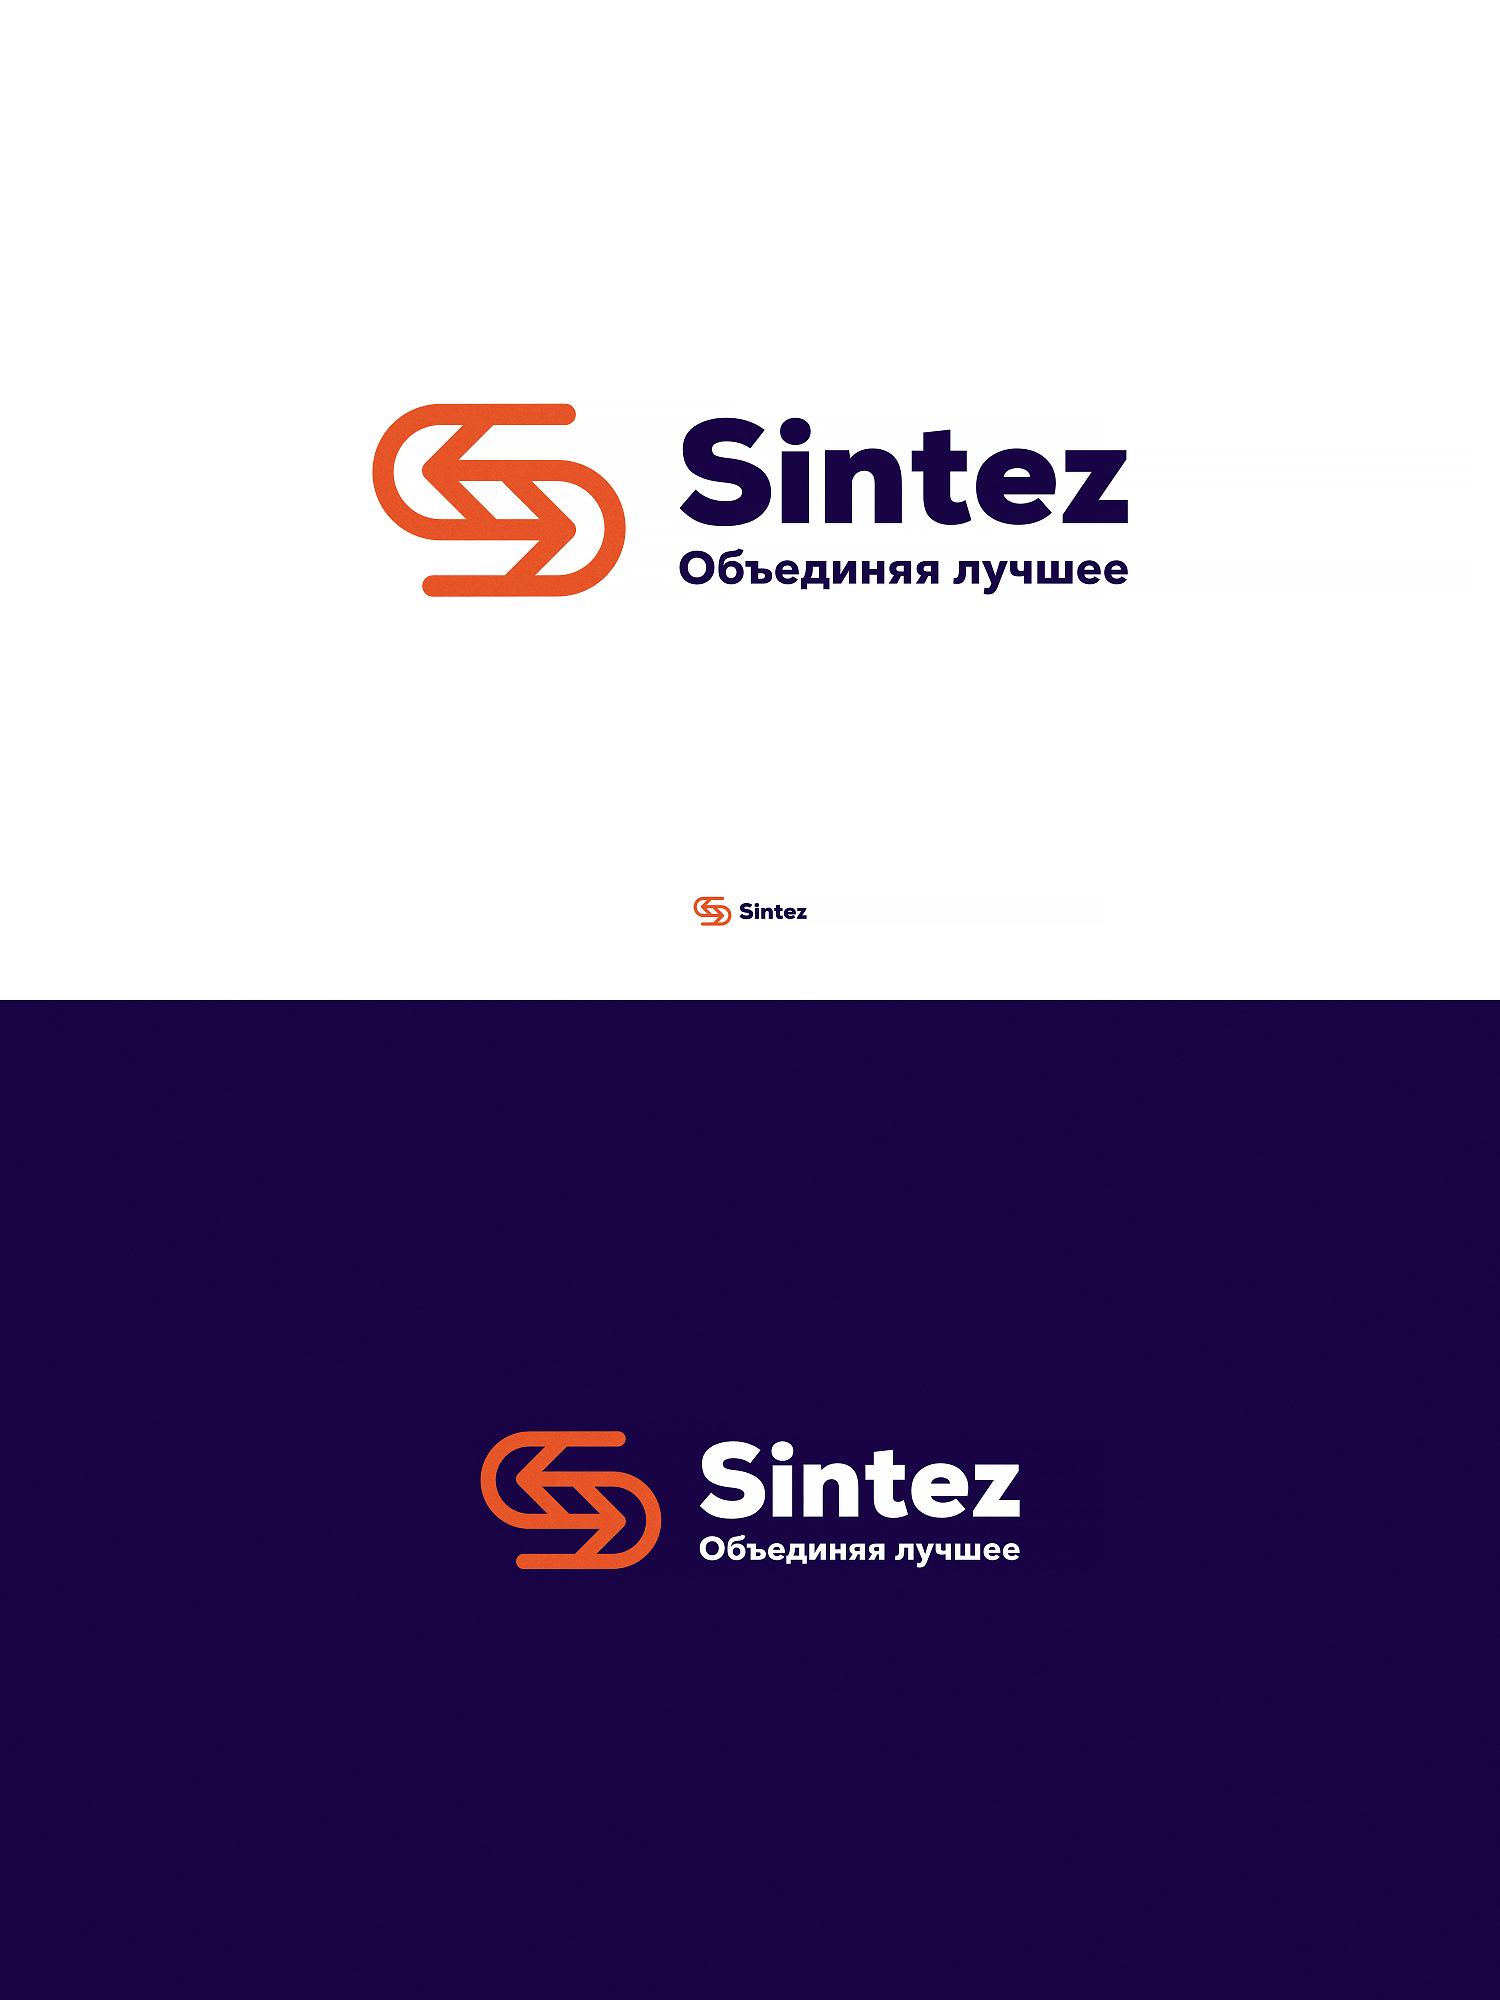 Разрабтка логотипа компании и фирменного шрифта фото f_4945f626268b9e79.jpg